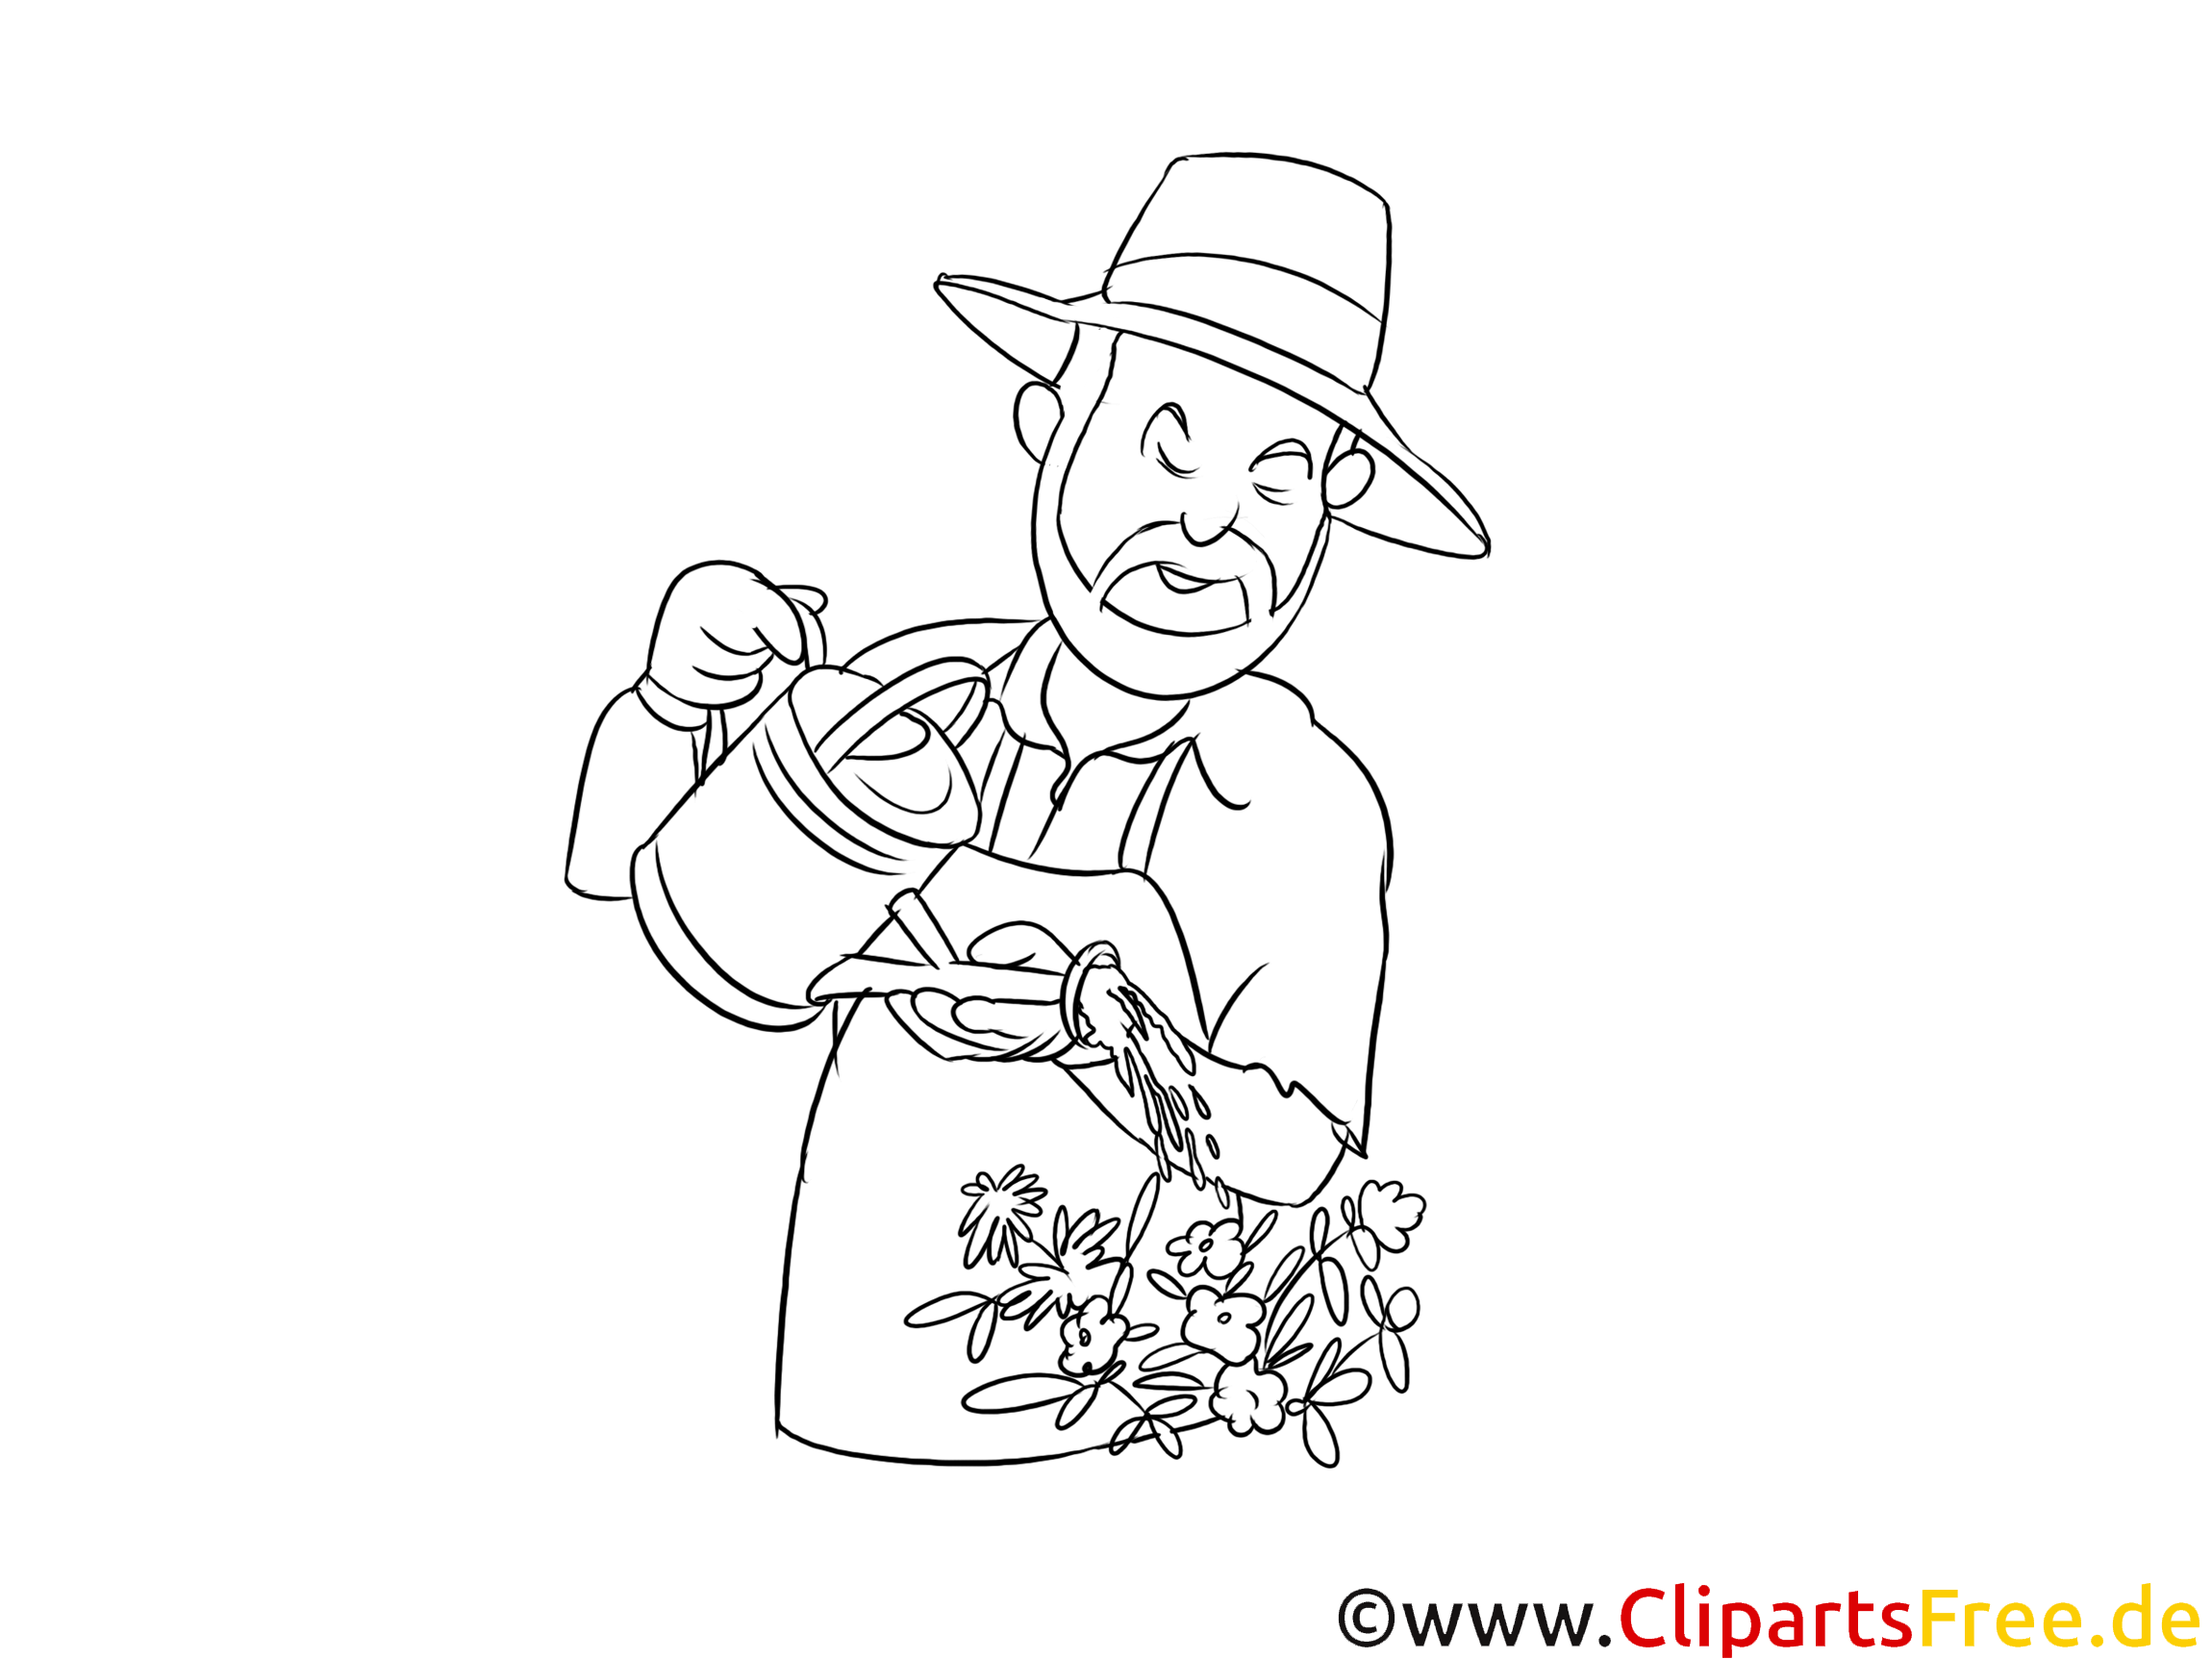 Gärtner Clipart in Schwarz-Weiß kostenlos